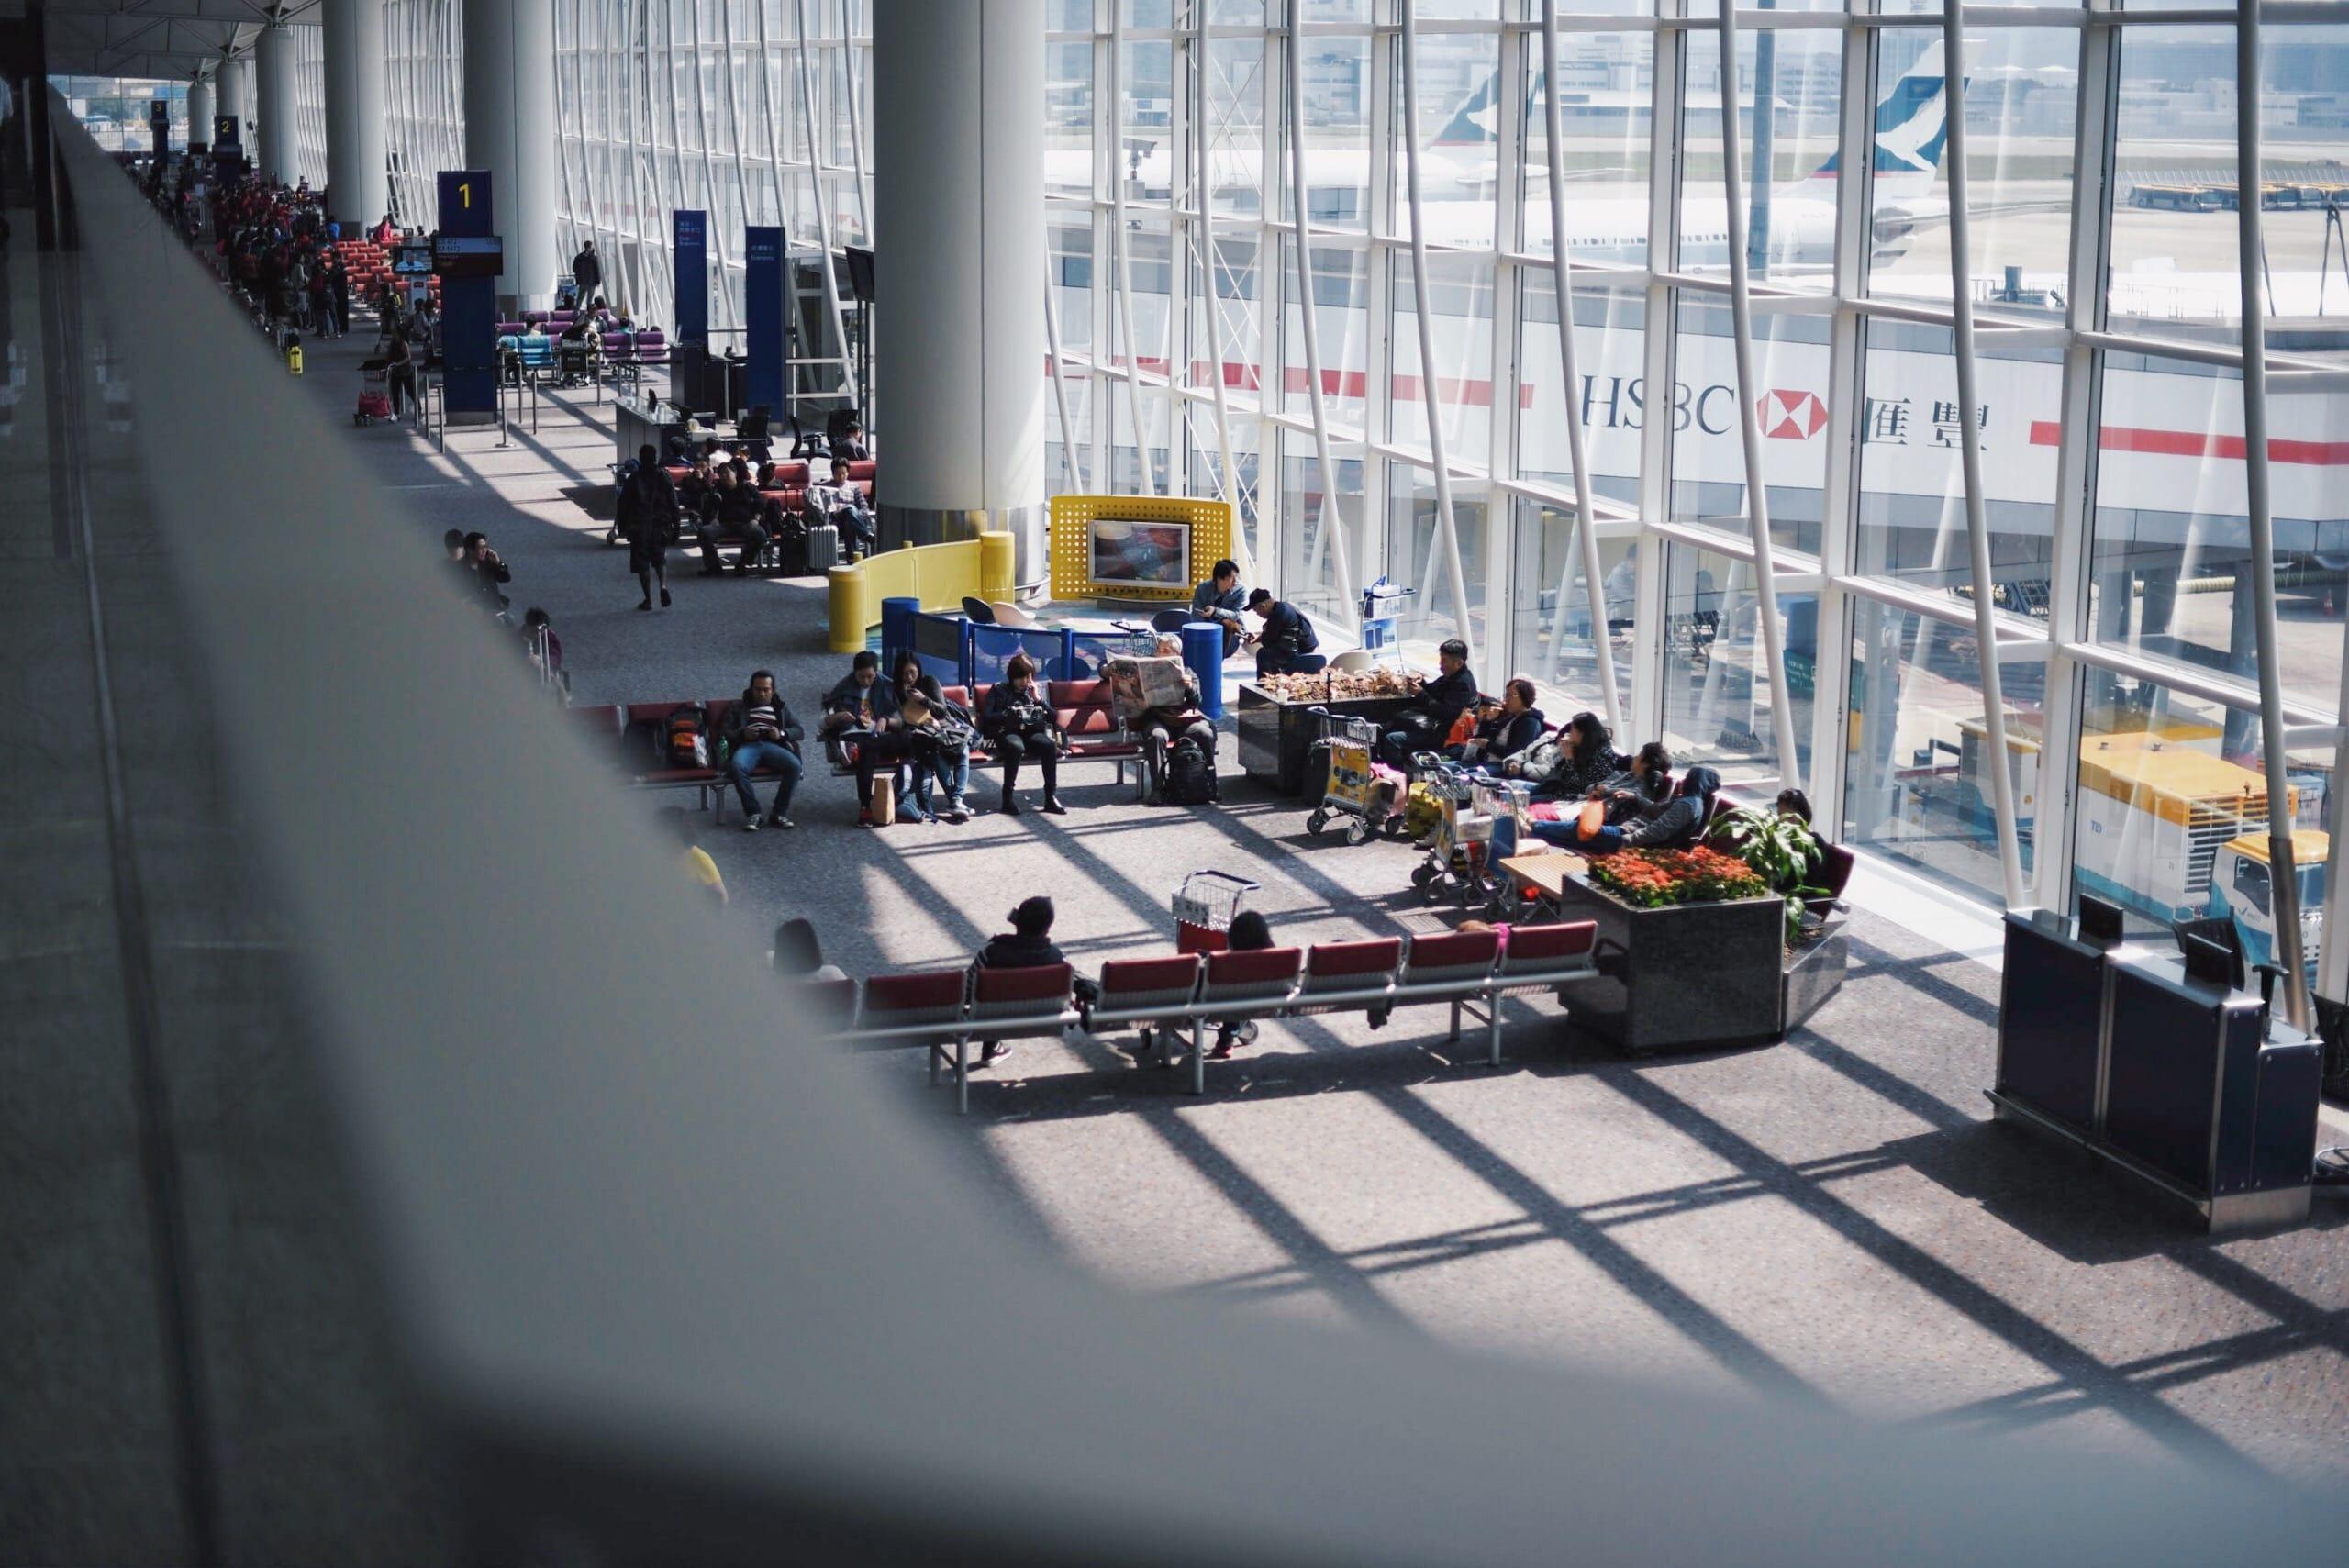 空港ラウンジが使えるおすすめカードは「楽天プレミアムカード」一択【海外旅行行く人は必須】